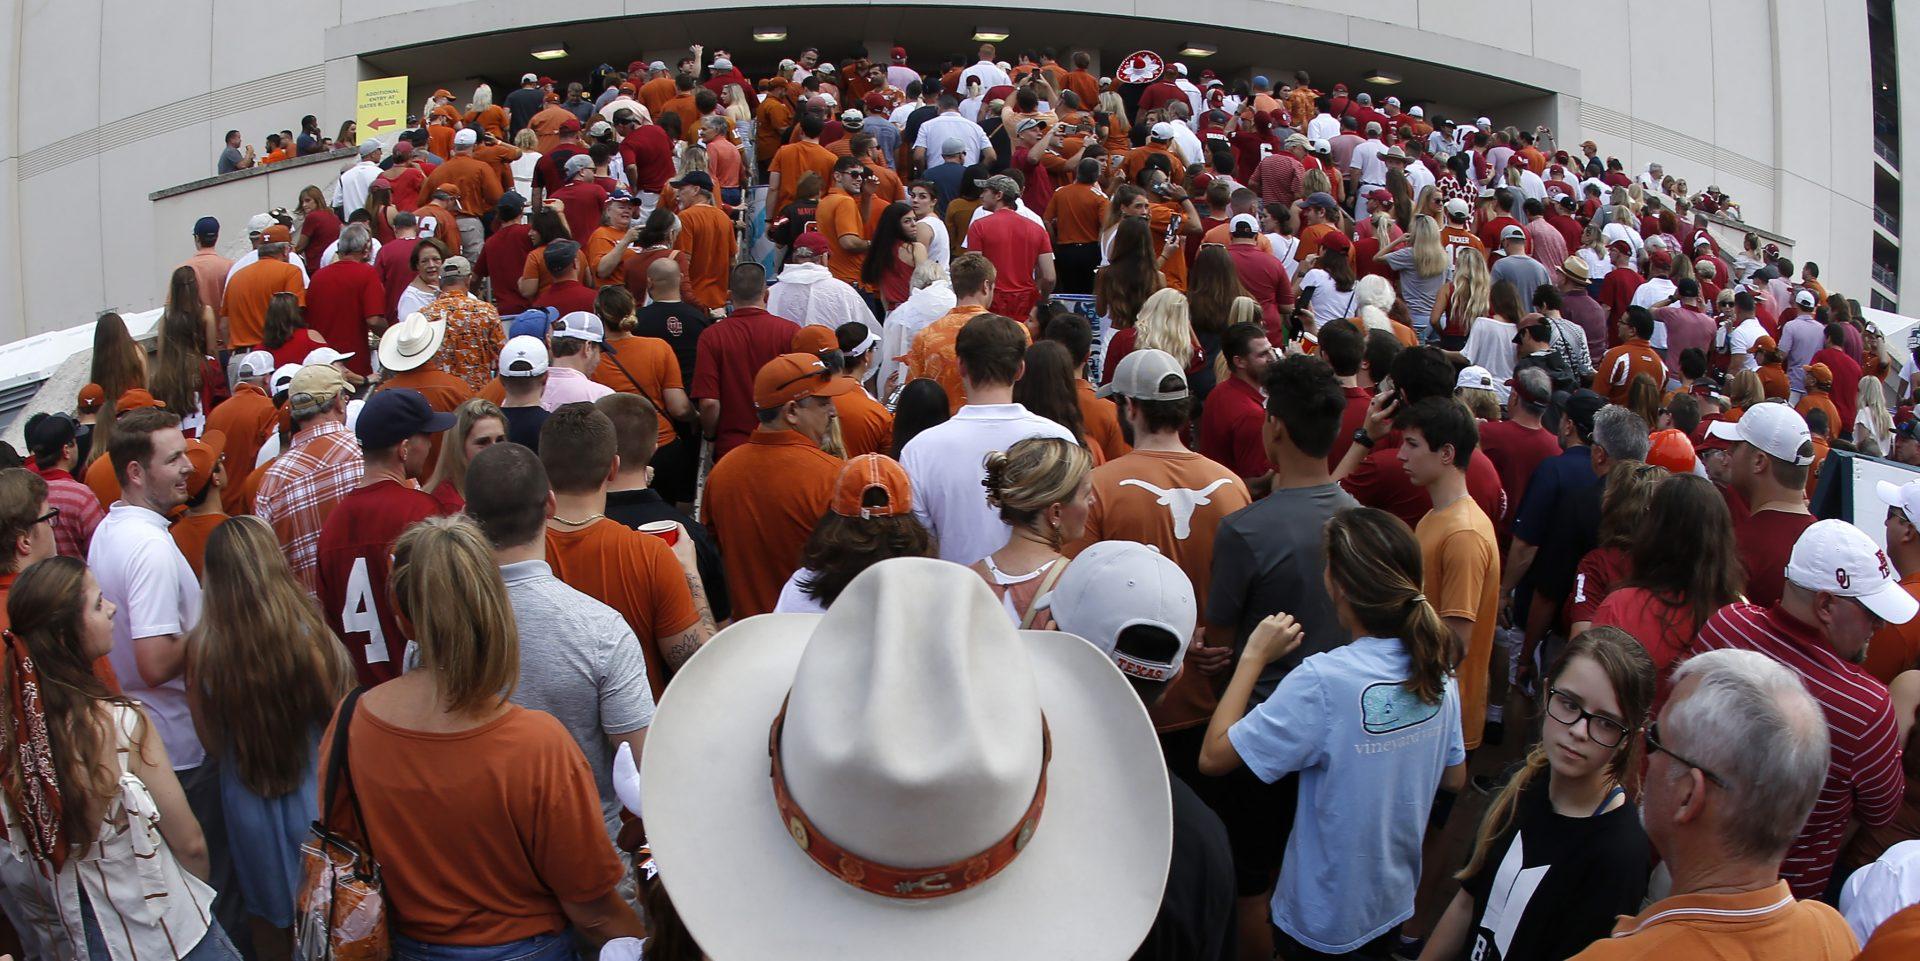 Cotton Bowl Upgrades Ready for OU-Texas